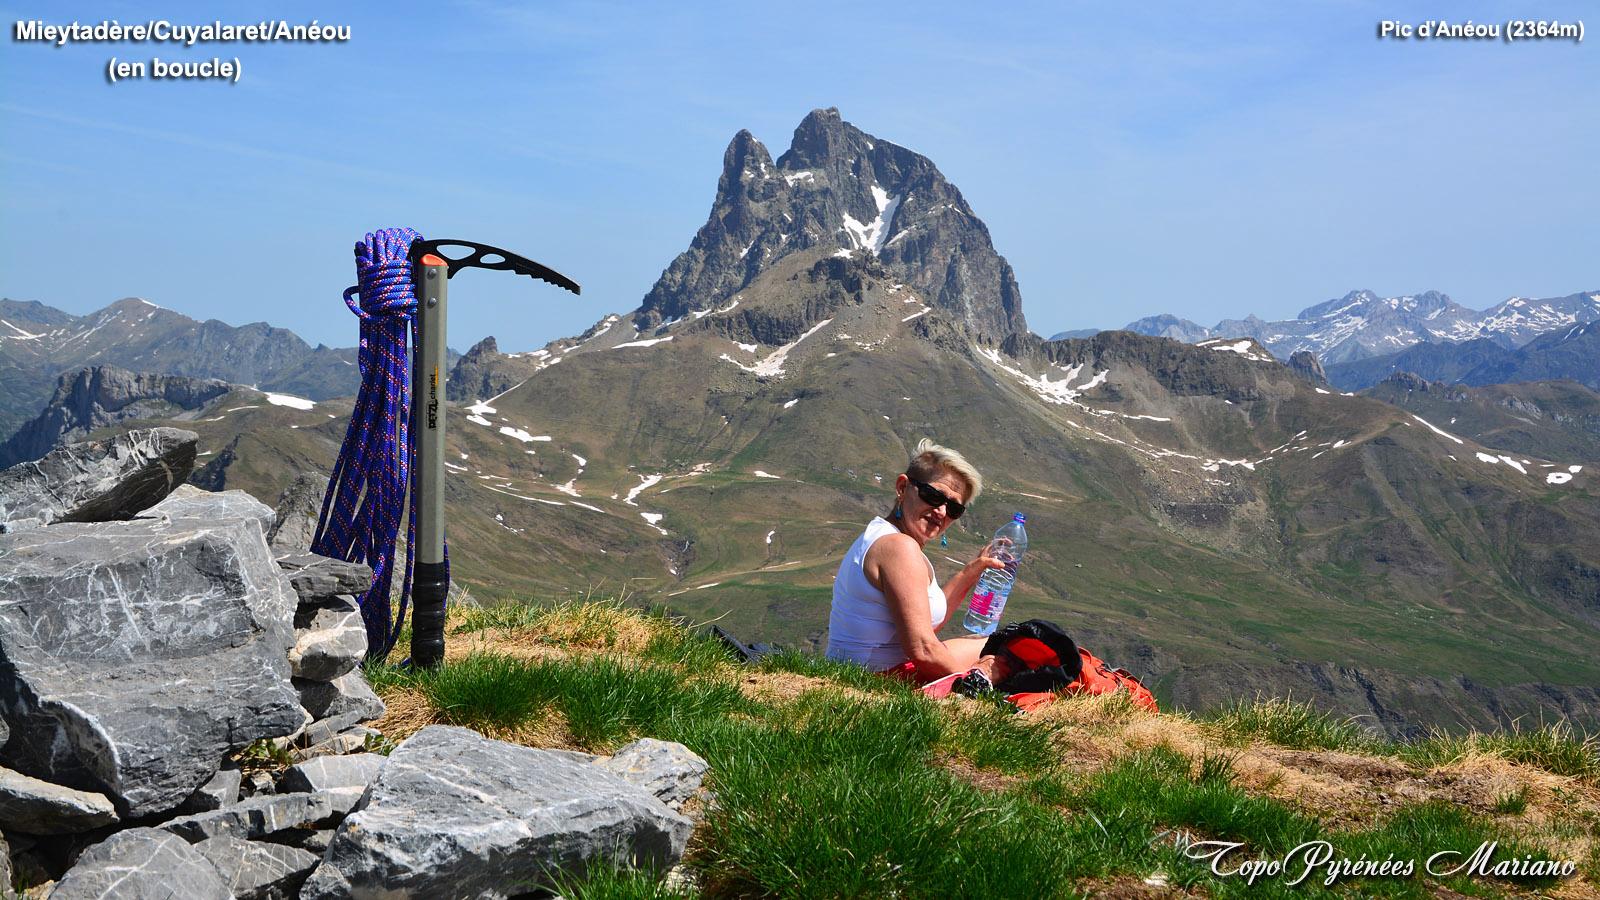 Pène Mieytadère (2108m), Cuyalaret (2289m) et Pic d'Anéou (2364m)